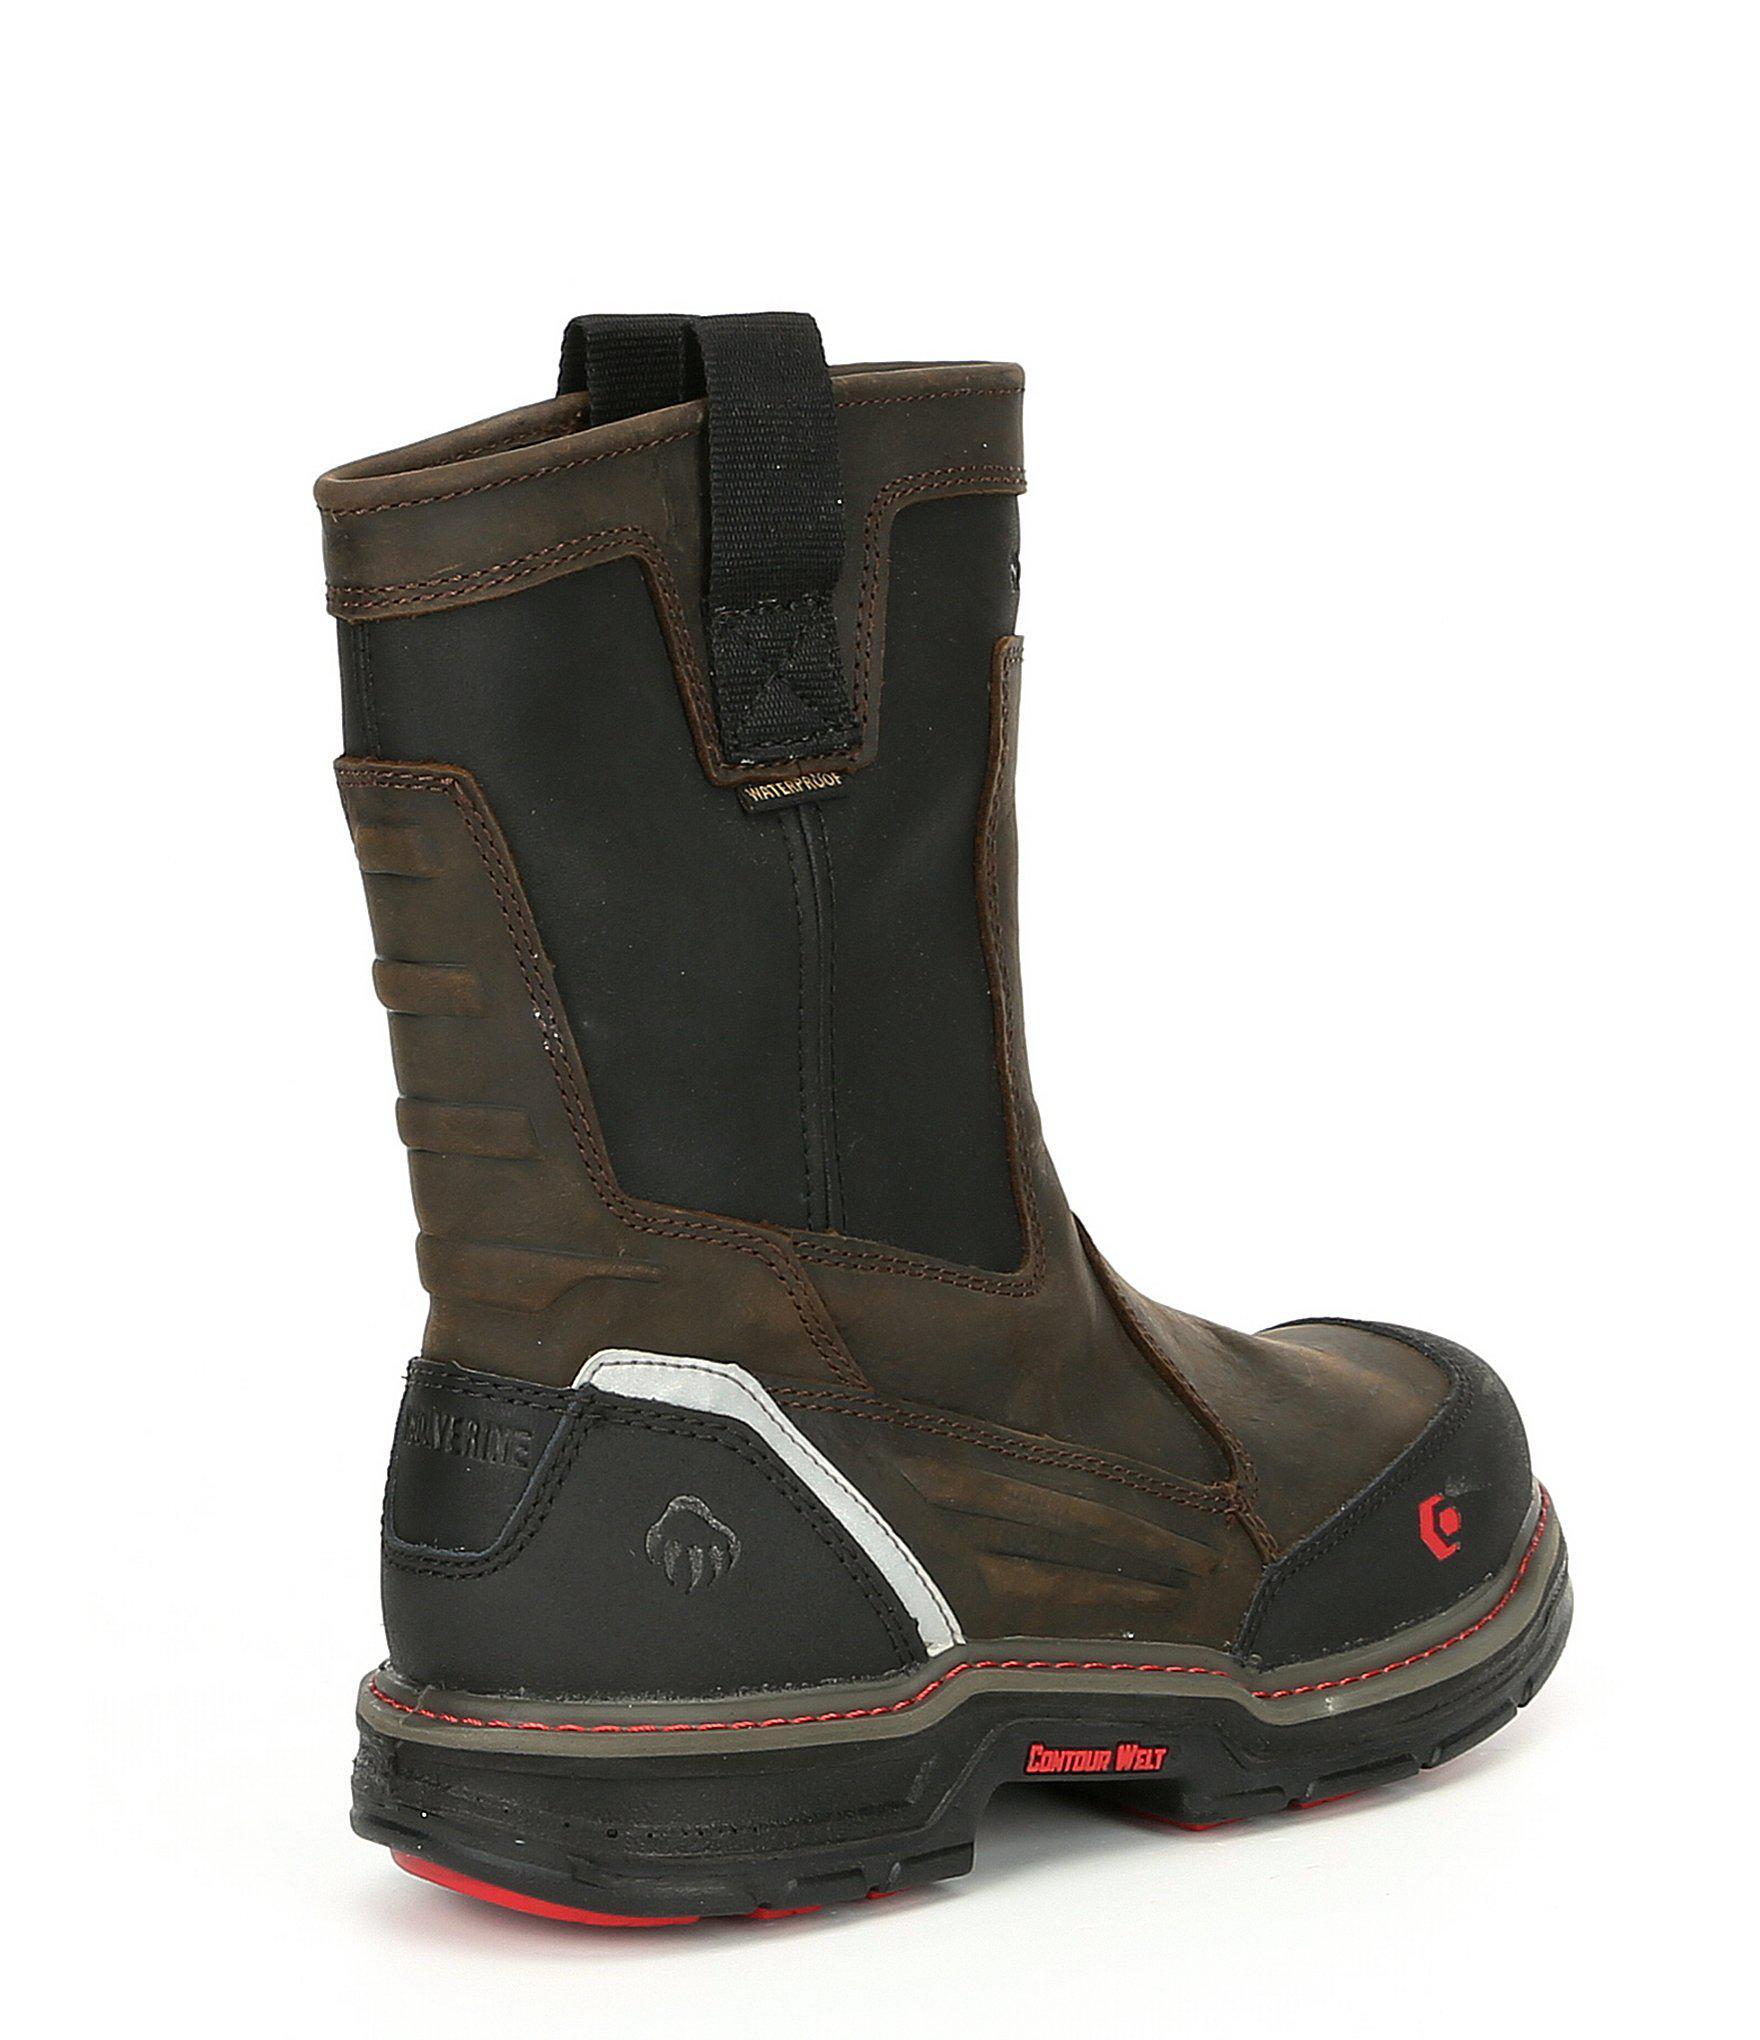 c7f68df9931 Black Men's Overman Waterproof Composite-toe Slip Resistant Work Boot